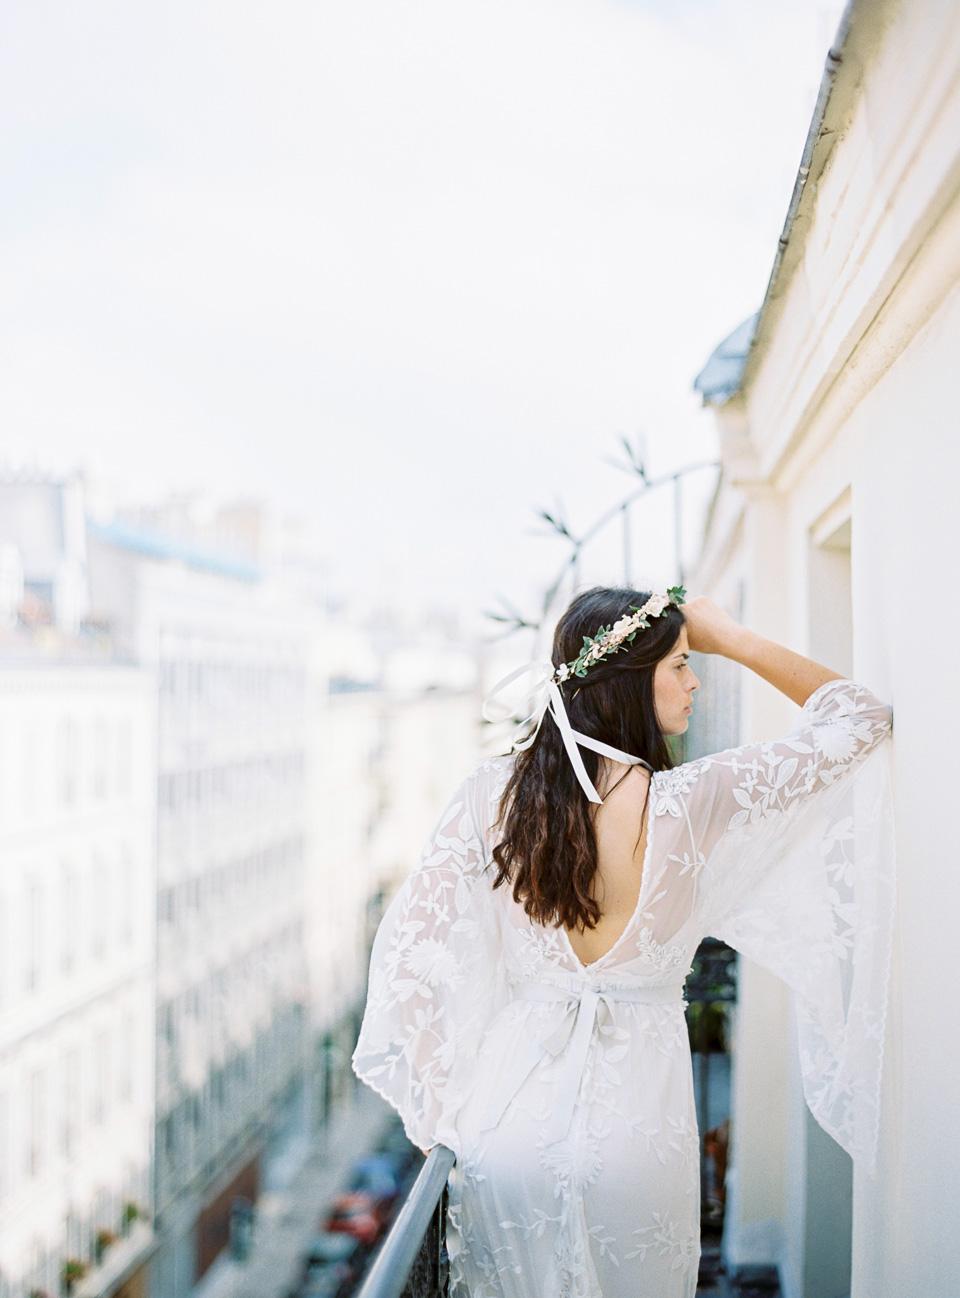 Editorial_RueDeSeine_Wedding_Gowns_JeanLaurentGaudy_FULL004